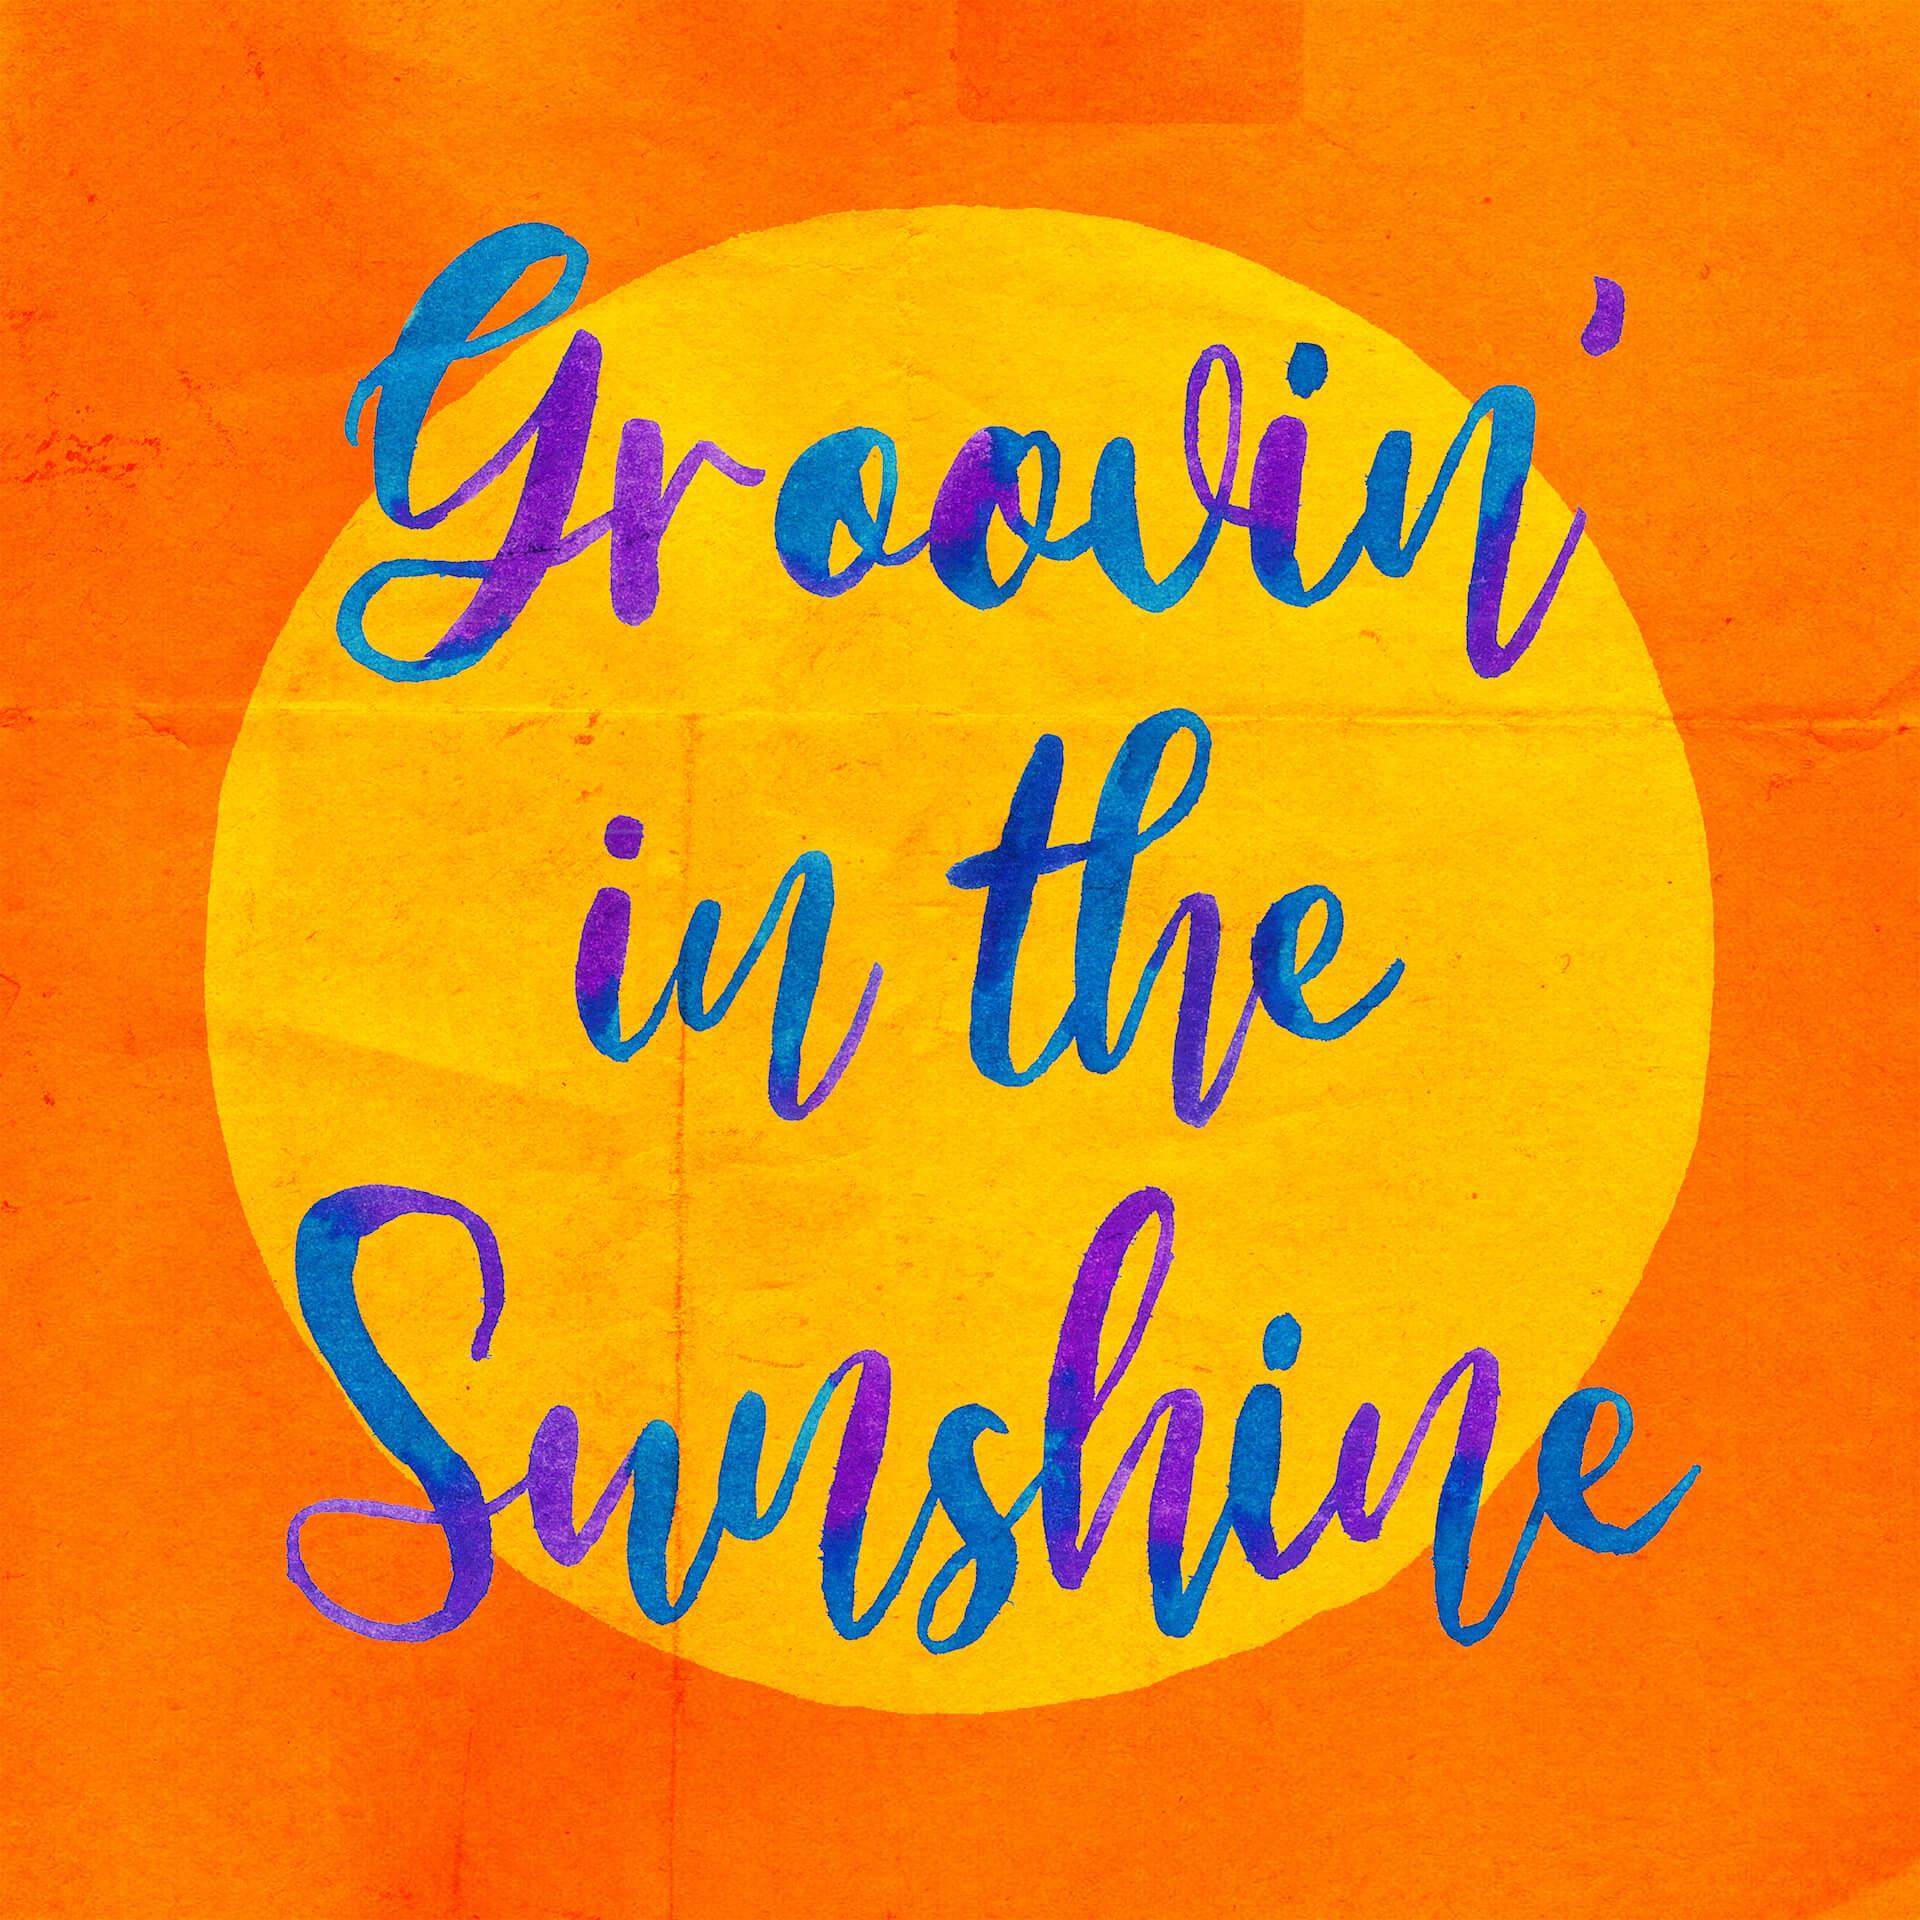 これ抜きに夏は語れない!DJ HASEBEのMIX CD『Tokyo Sunshine Groove』7月31日に発売|BASI&向井太一を迎えた新曲「Groovin' in the Sunshine」も収録。 music190712-djhasebe-2